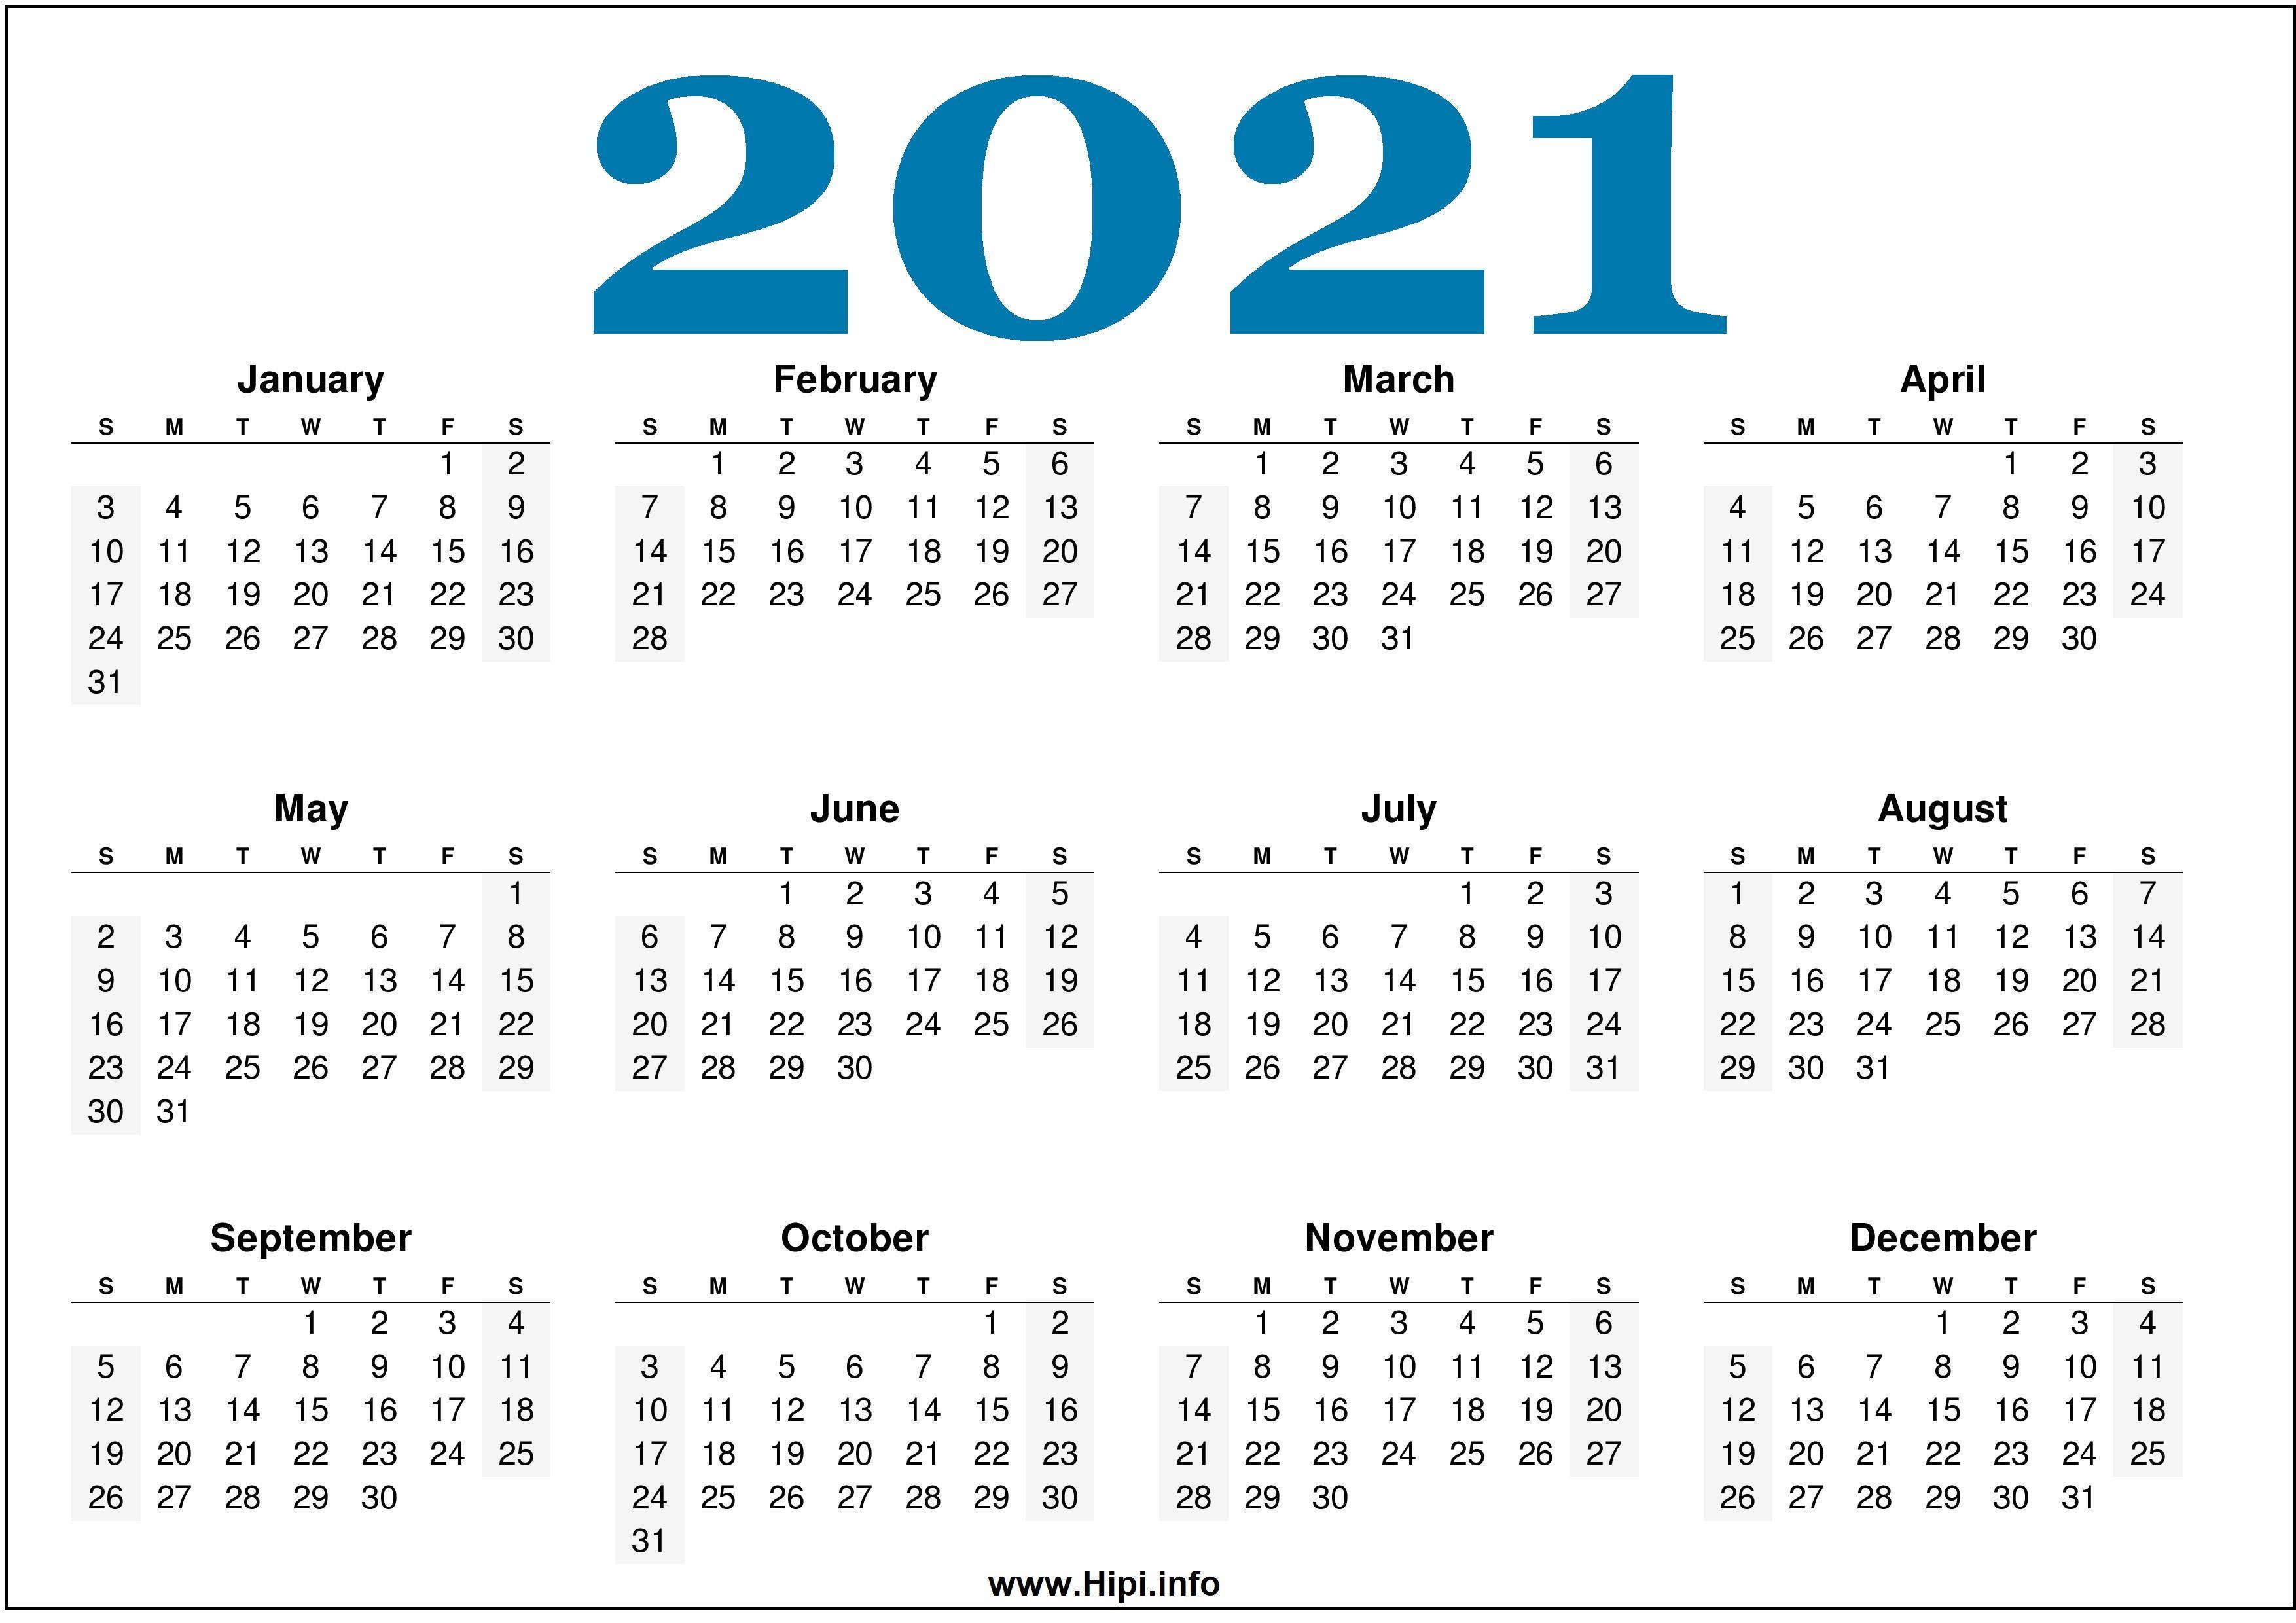 2021 Calendar Wallpapers   Top 2021 Calendar Backgrounds 3508x2480